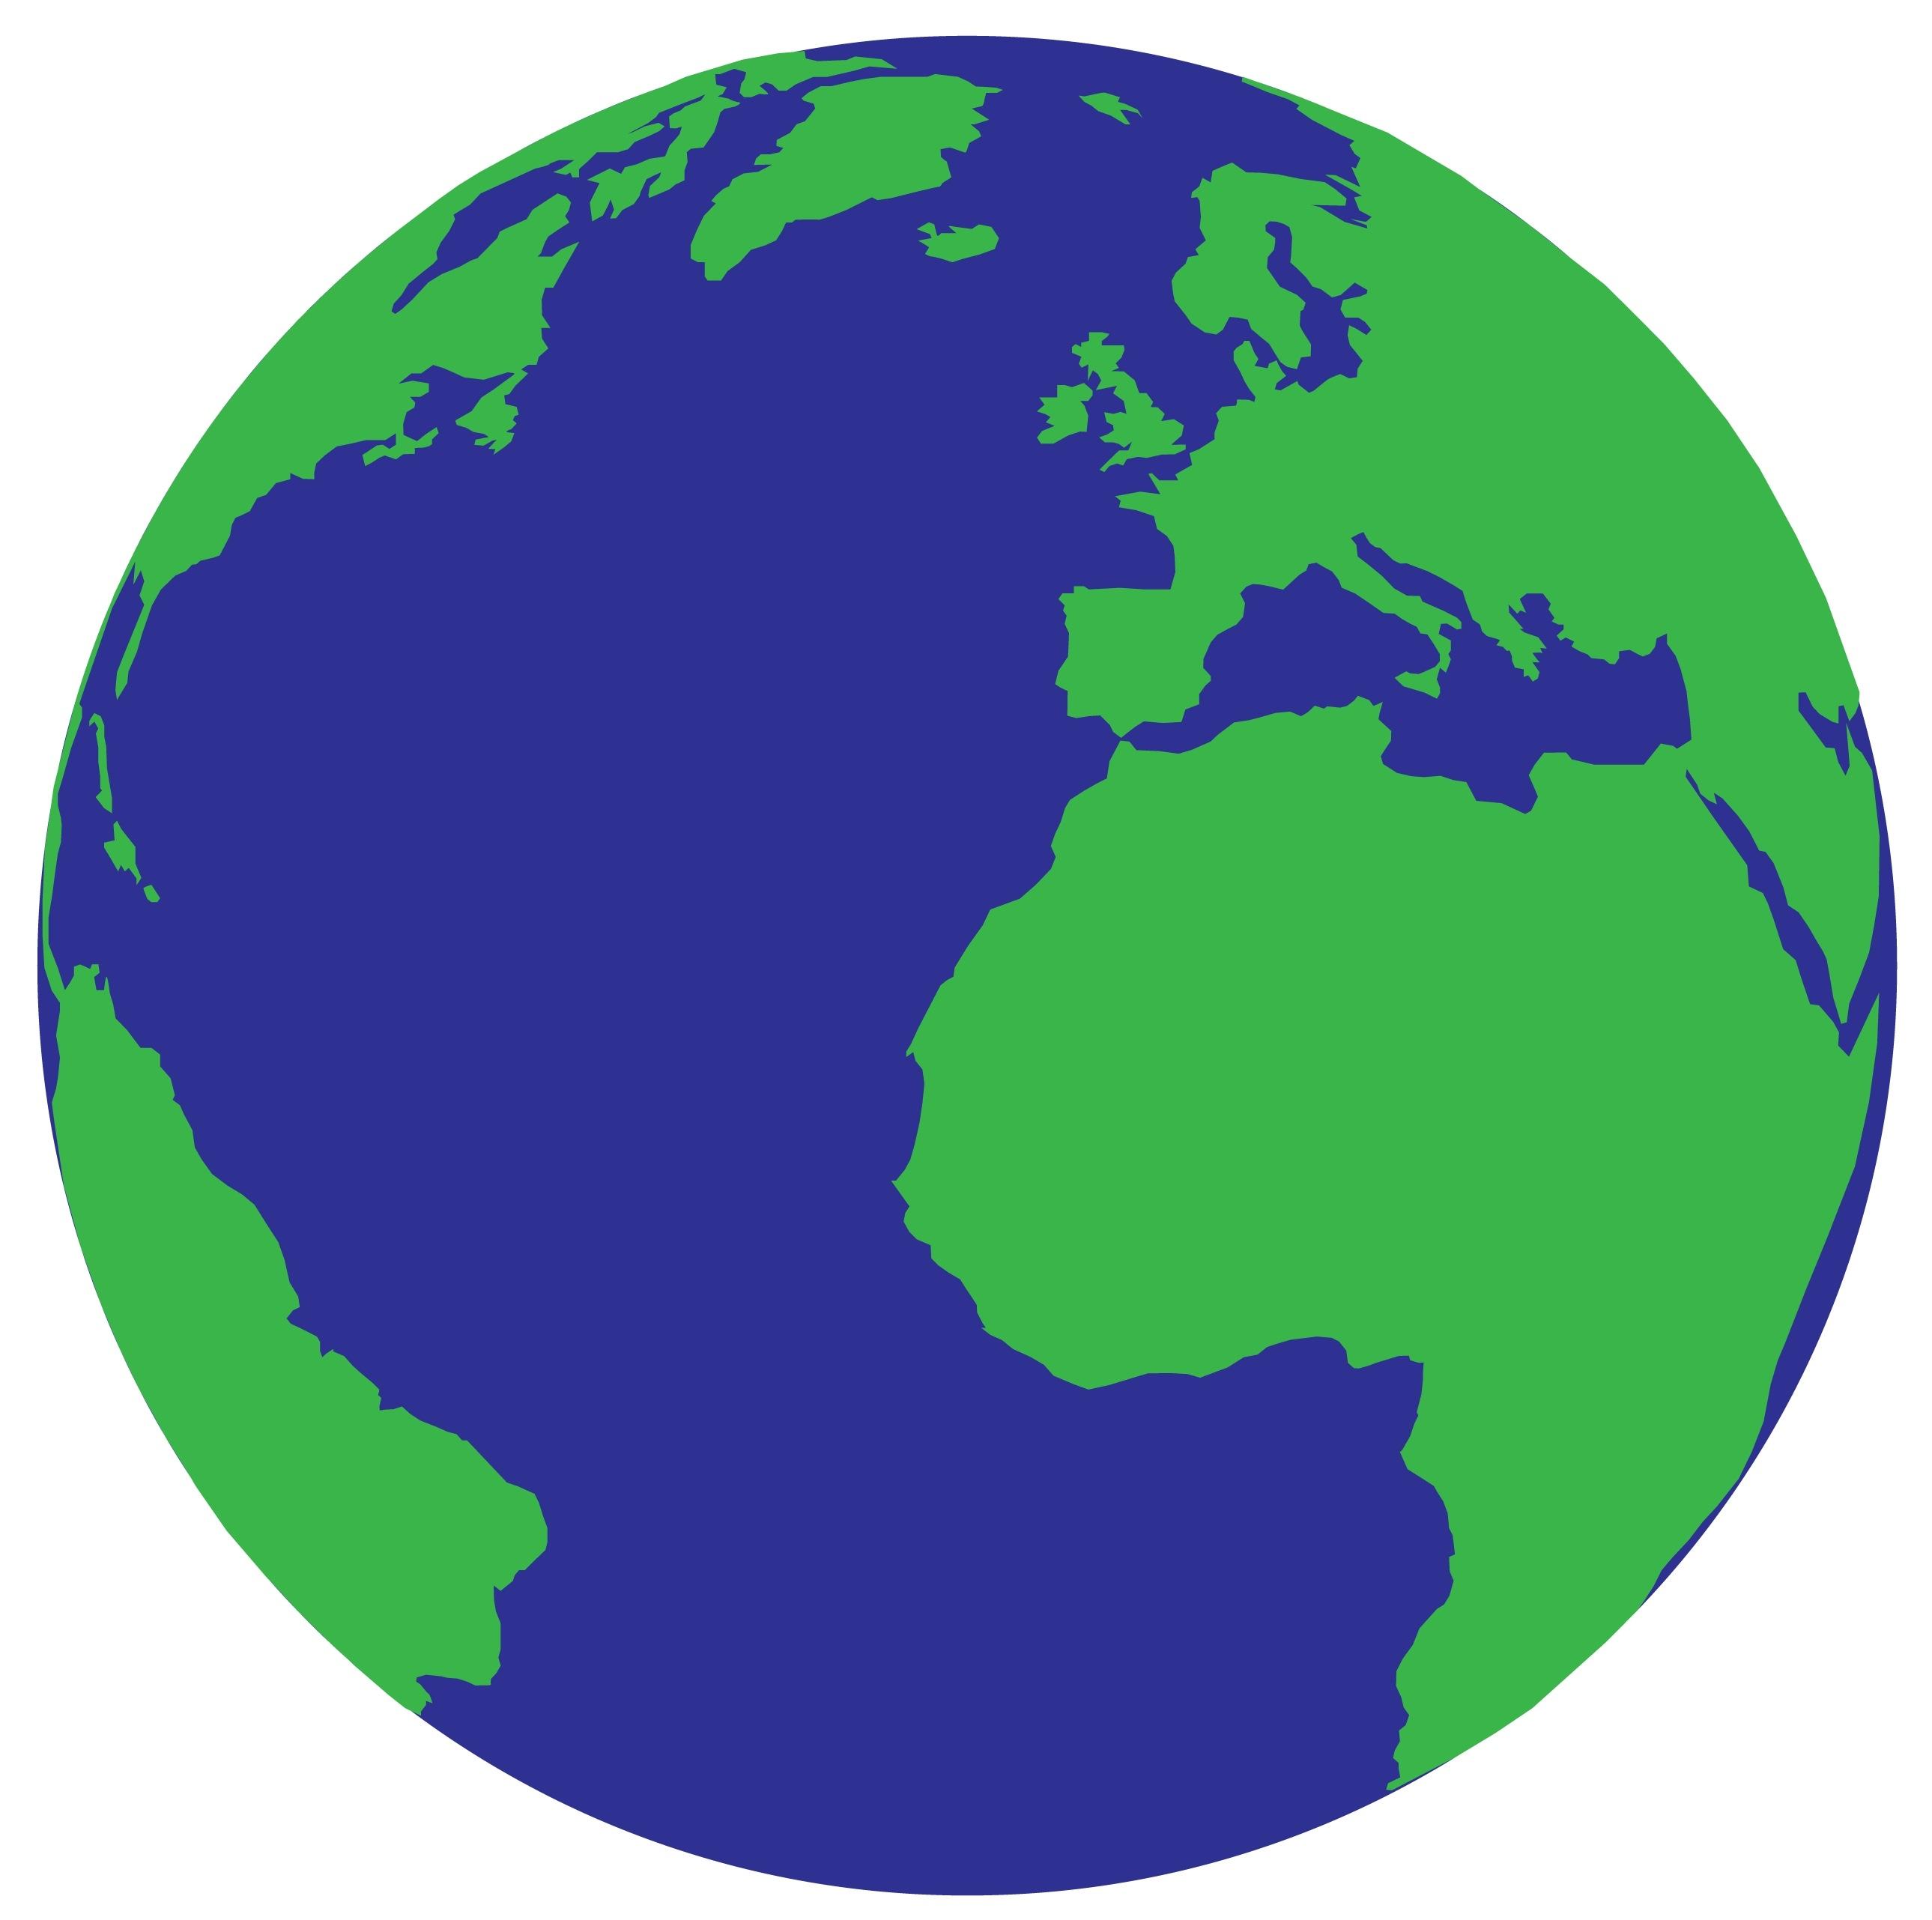 2579x2563 Simple Earth Vector